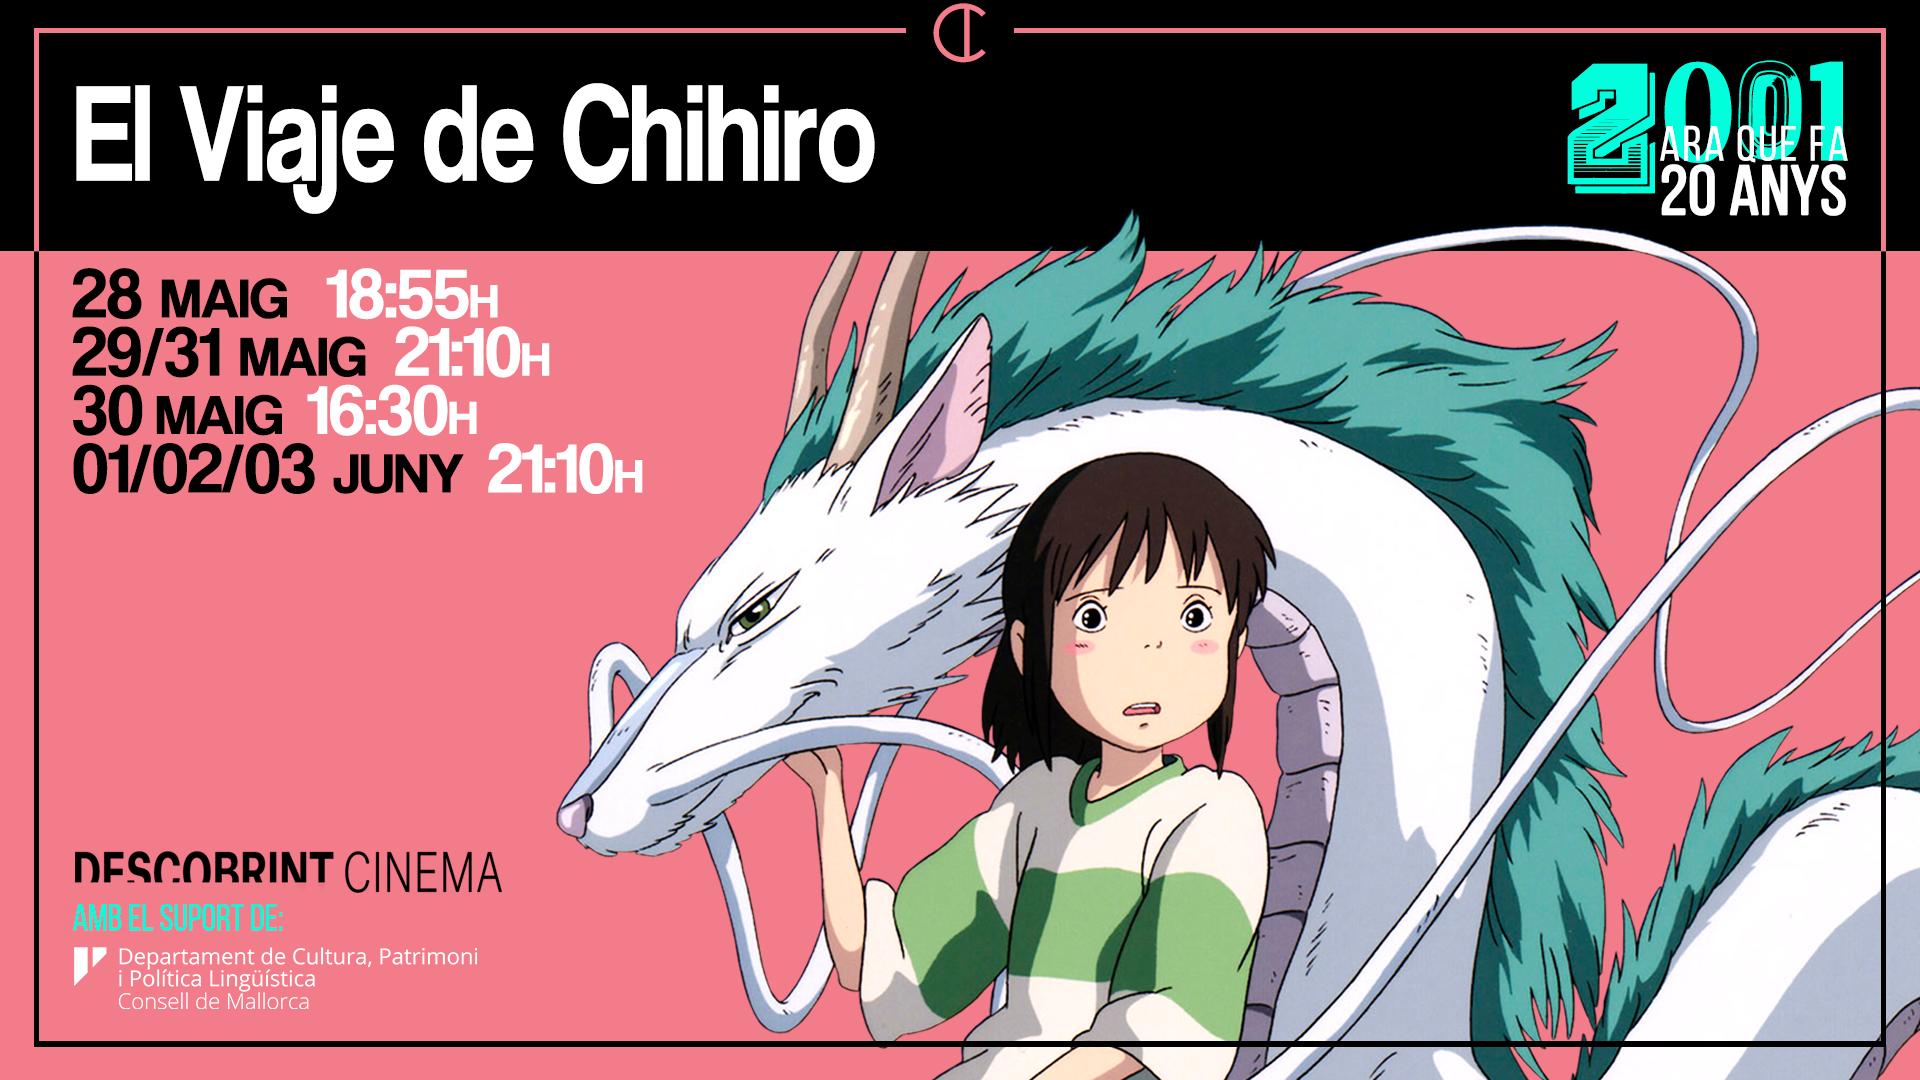 AraQueFa20Anys_CHIHIRO_Screen_v1.png